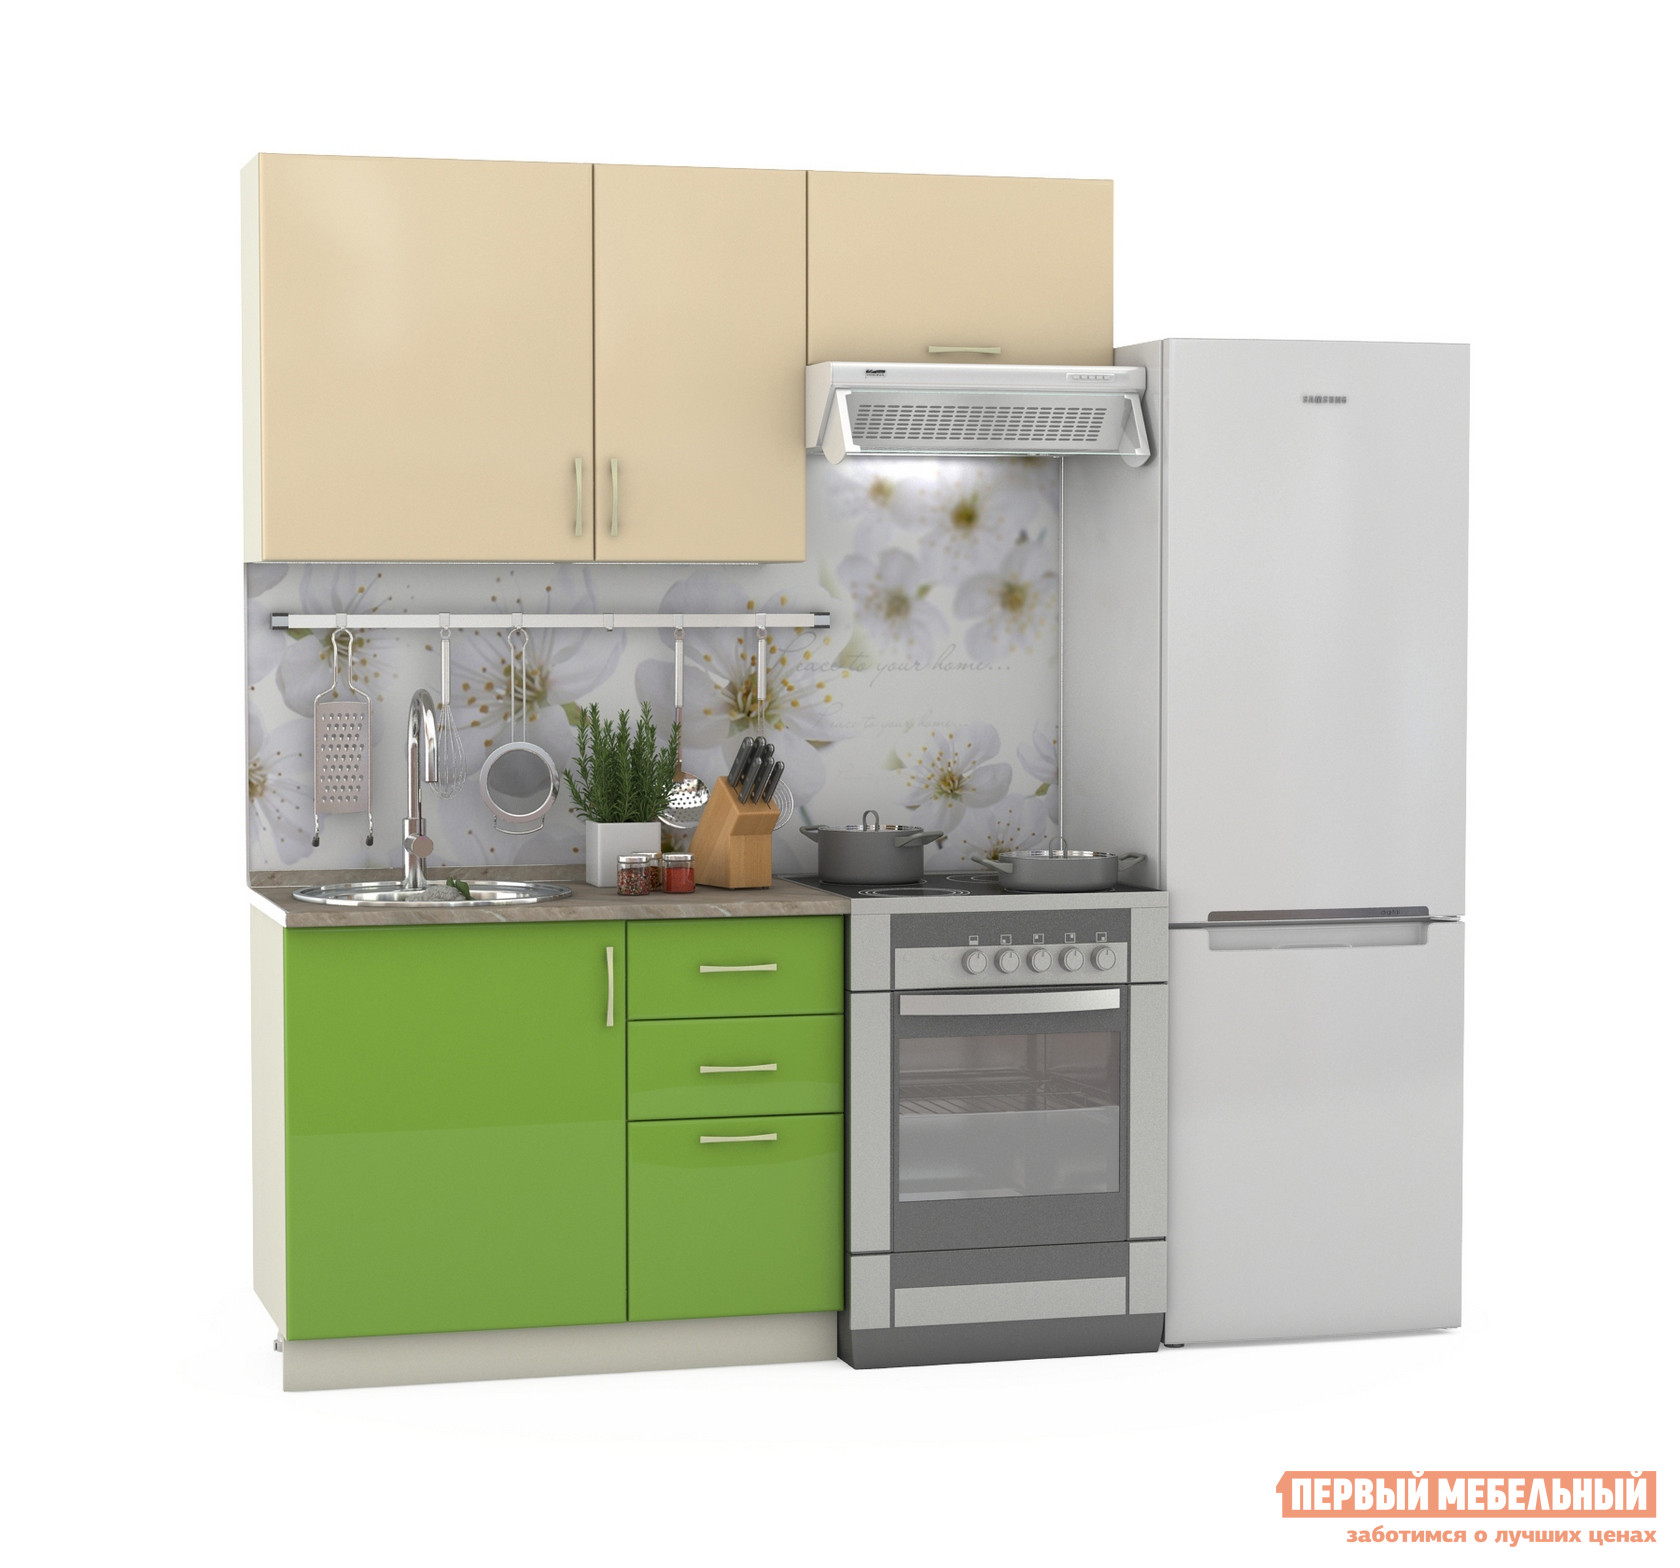 Кухонный гарнитур Бит и Байт Сандра-2 160 см кухонный гарнитур трия оливия 240 см